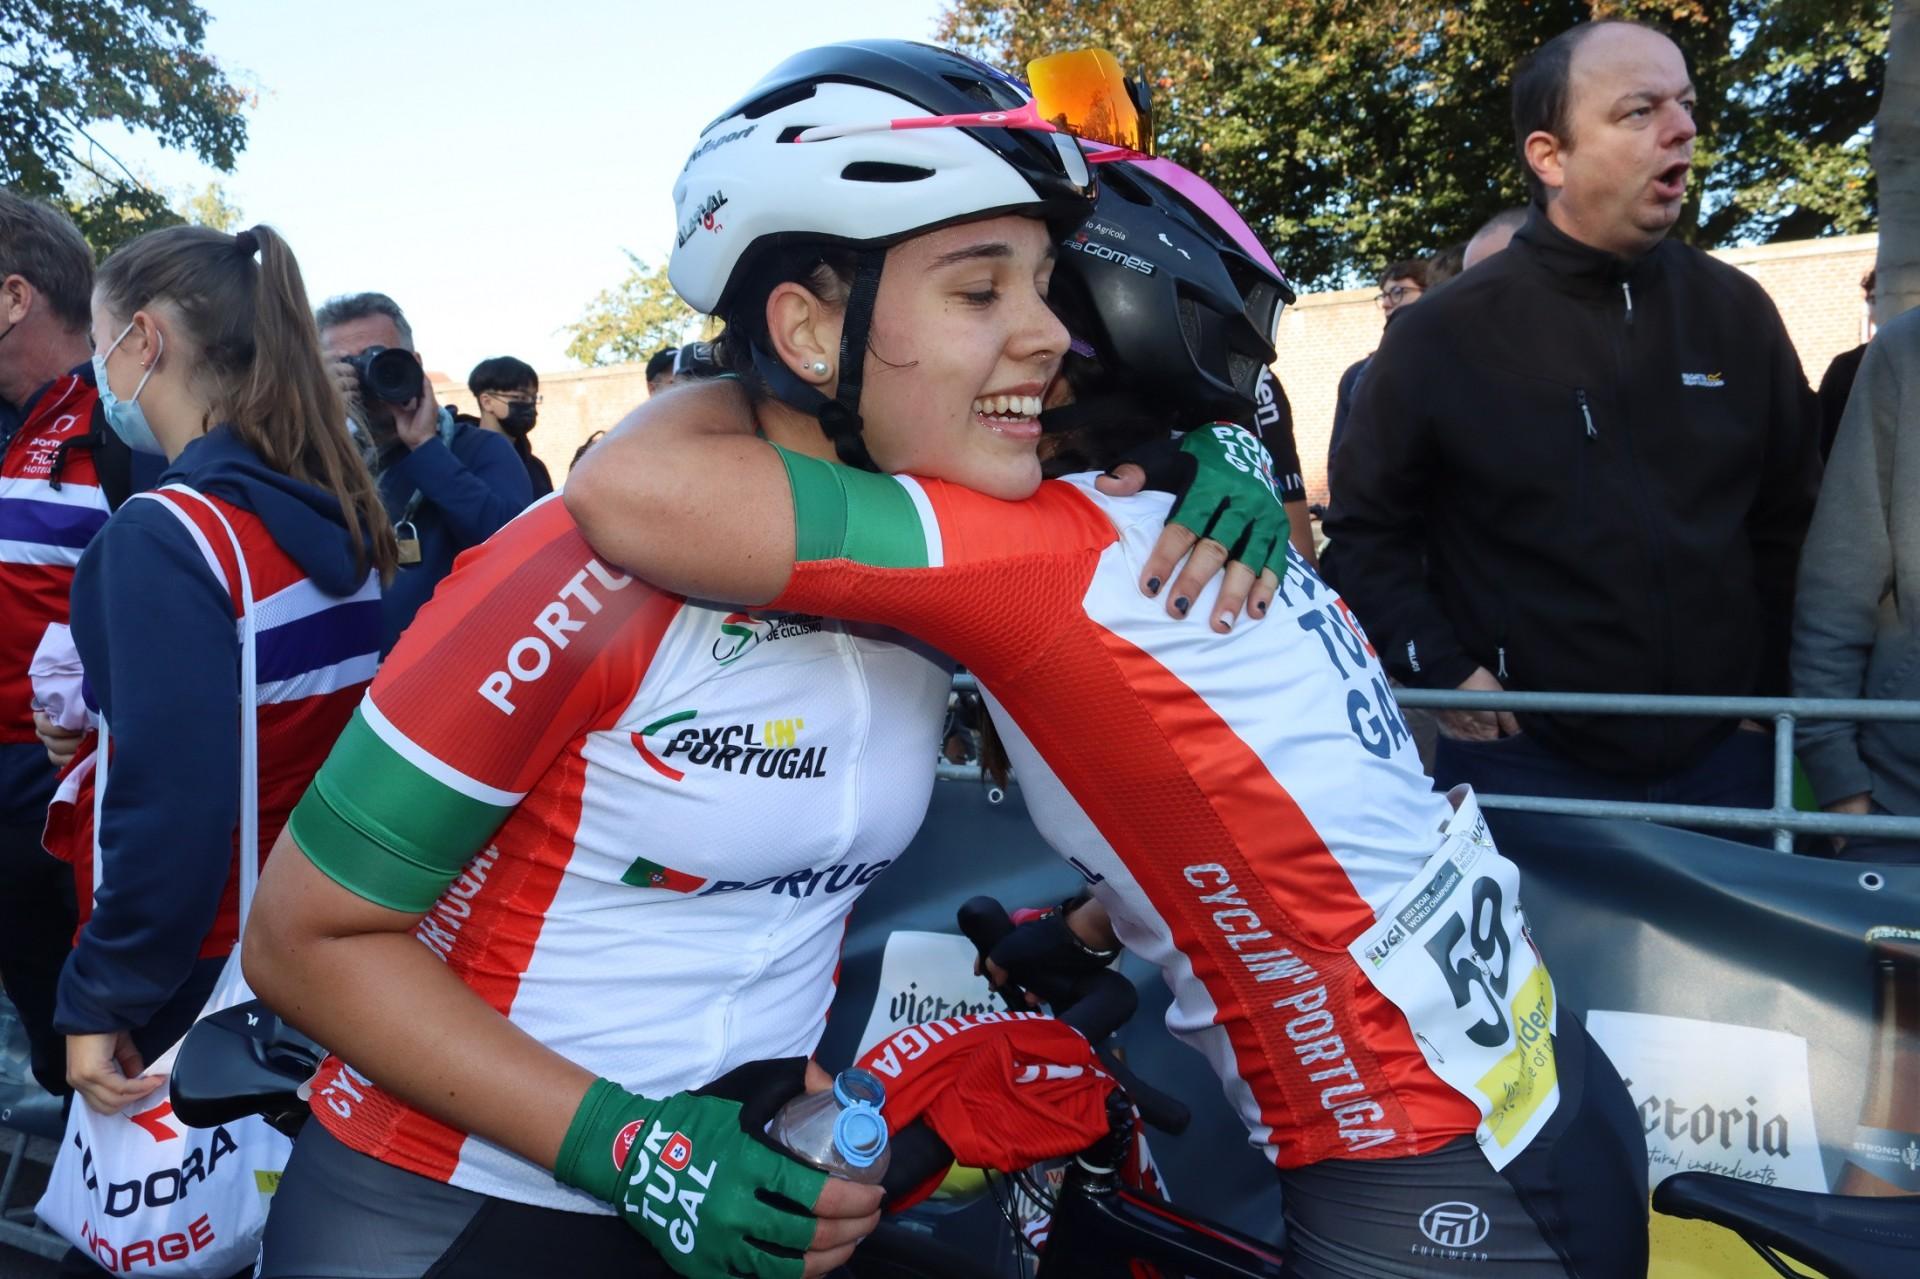 Sofia Gomes e Beatriz Roxo resistem em corrida marcada pelas quedas